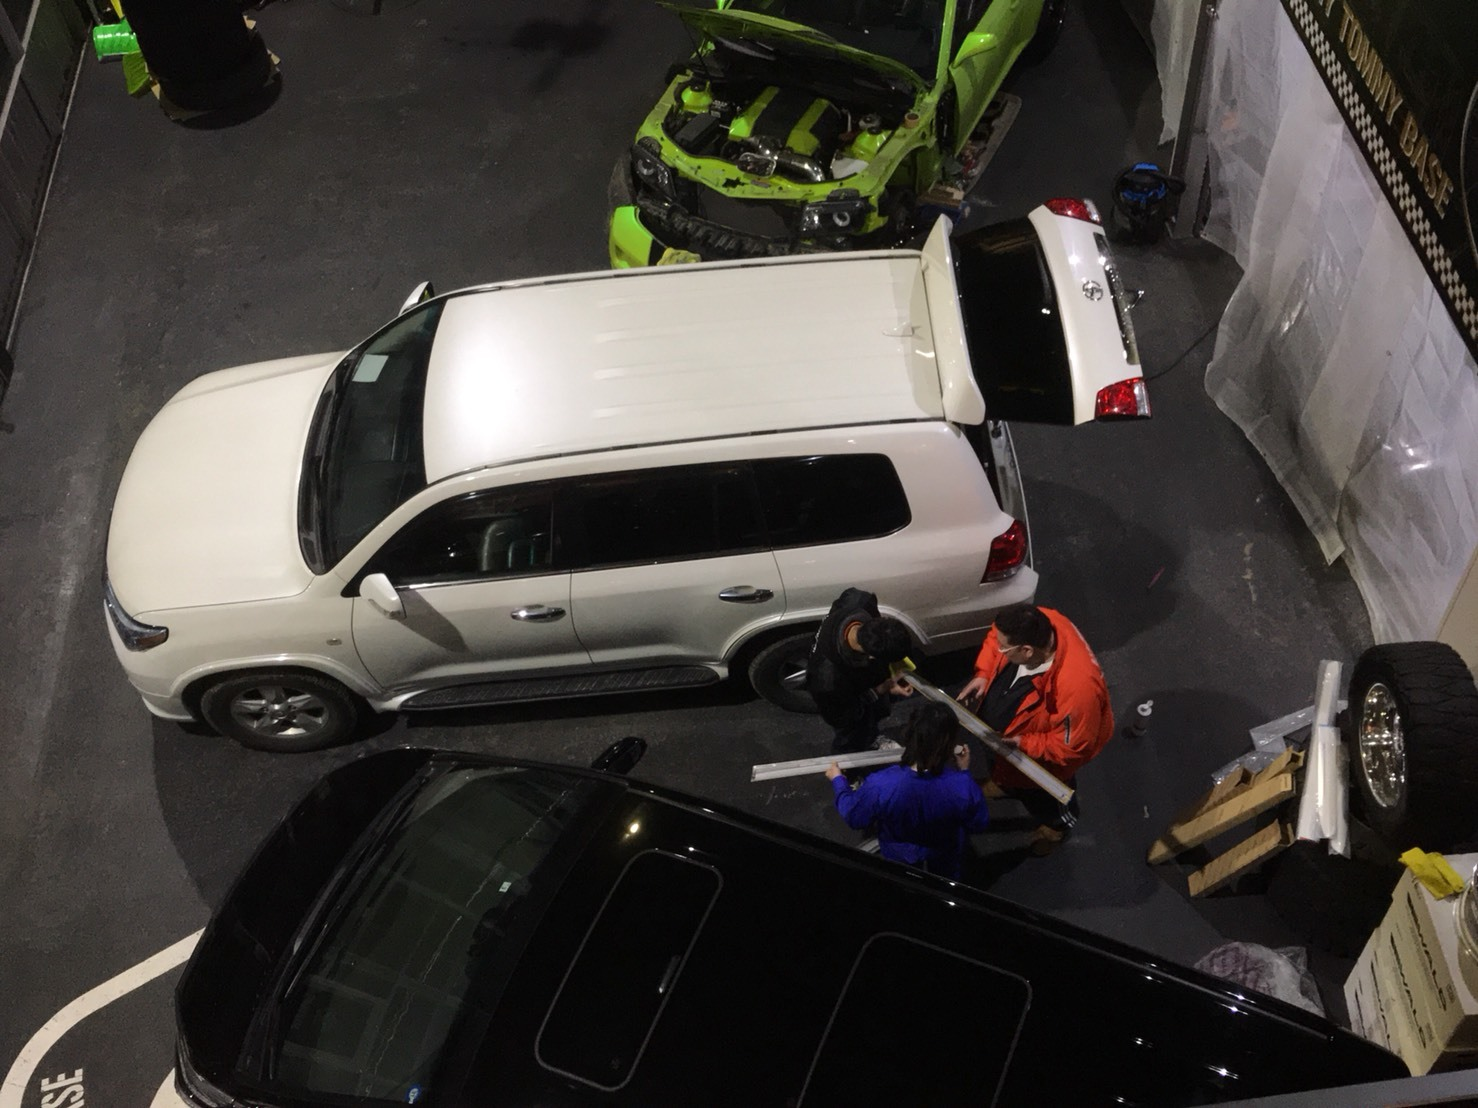 3月30日(金)トミーベース カスタムブログ☆S社様、新車のヴェルファイア到着☆カマロカスタム中☆_b0127002_12051737.jpg